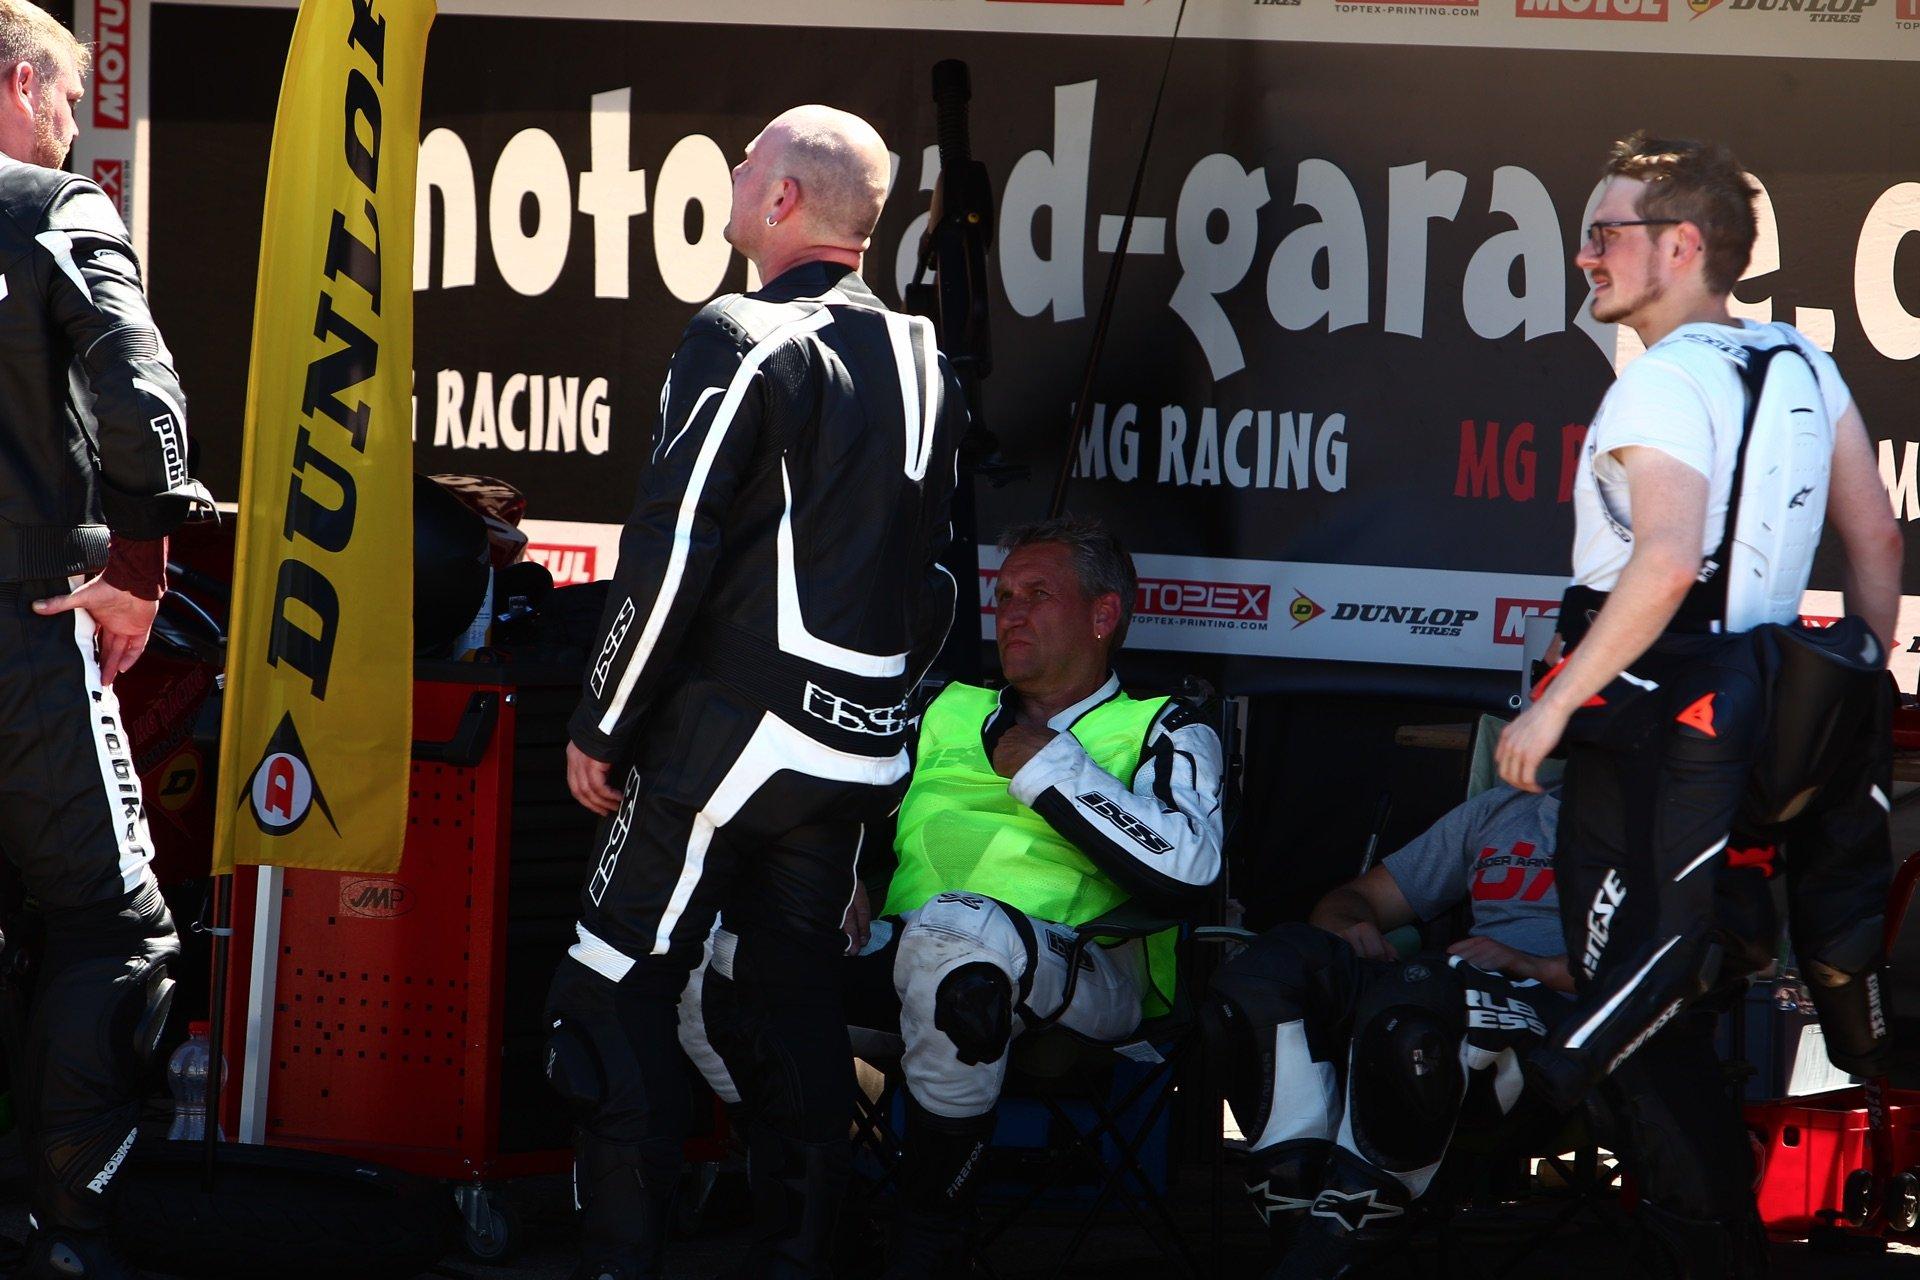 Motorrad, TZ-Motorsport